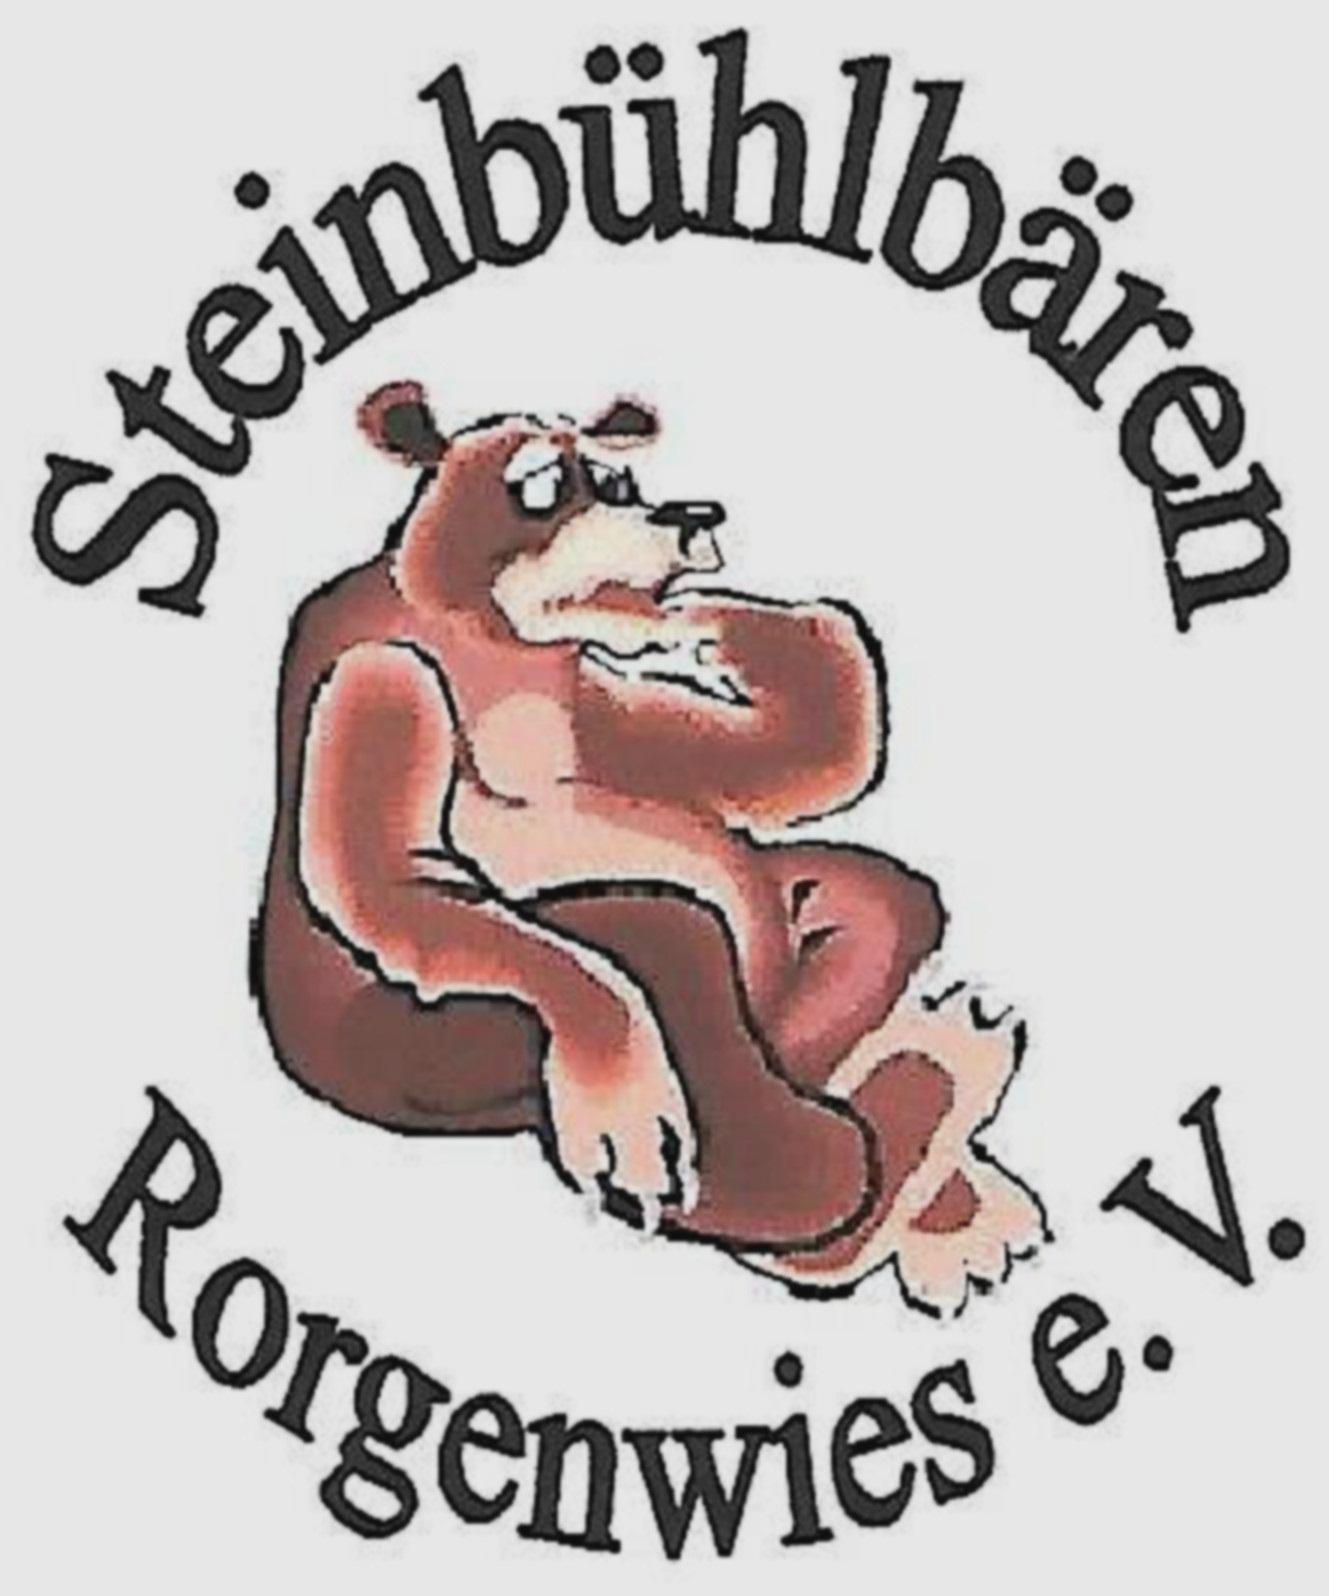 Steinbühlbären Rorgenwies